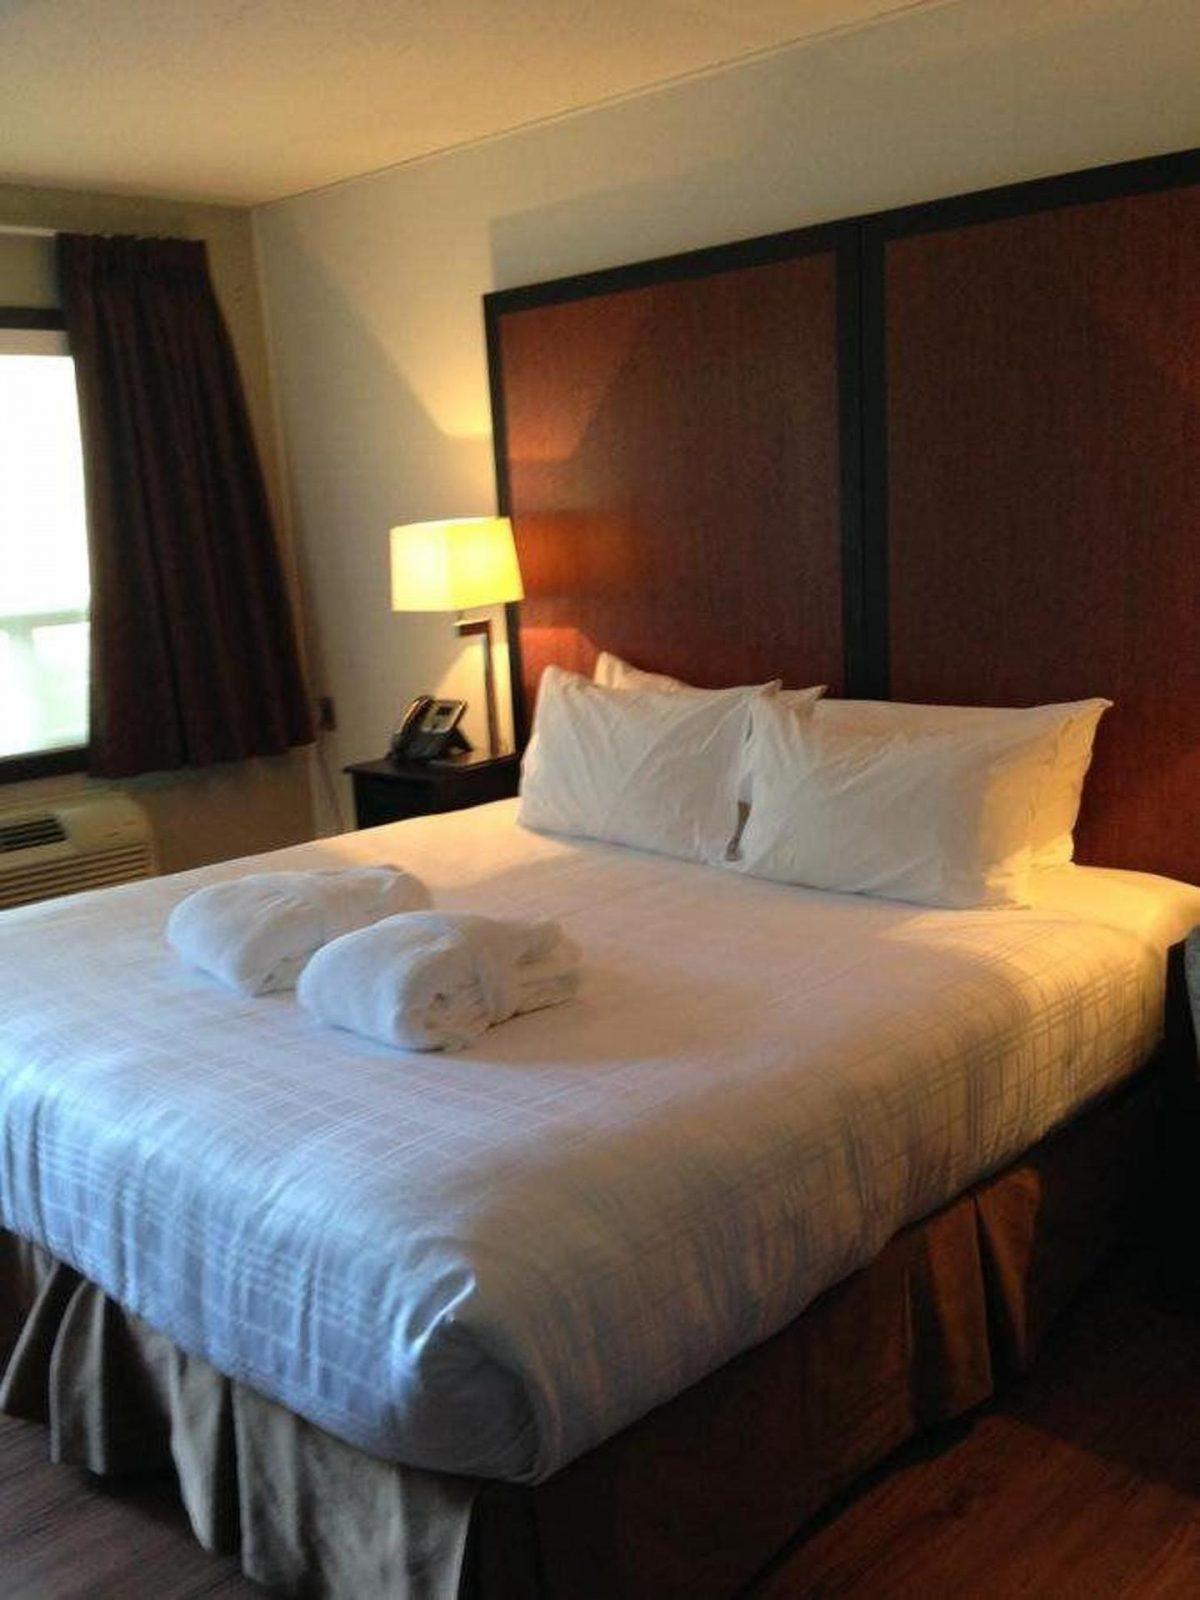 centro-motel-rooms-5